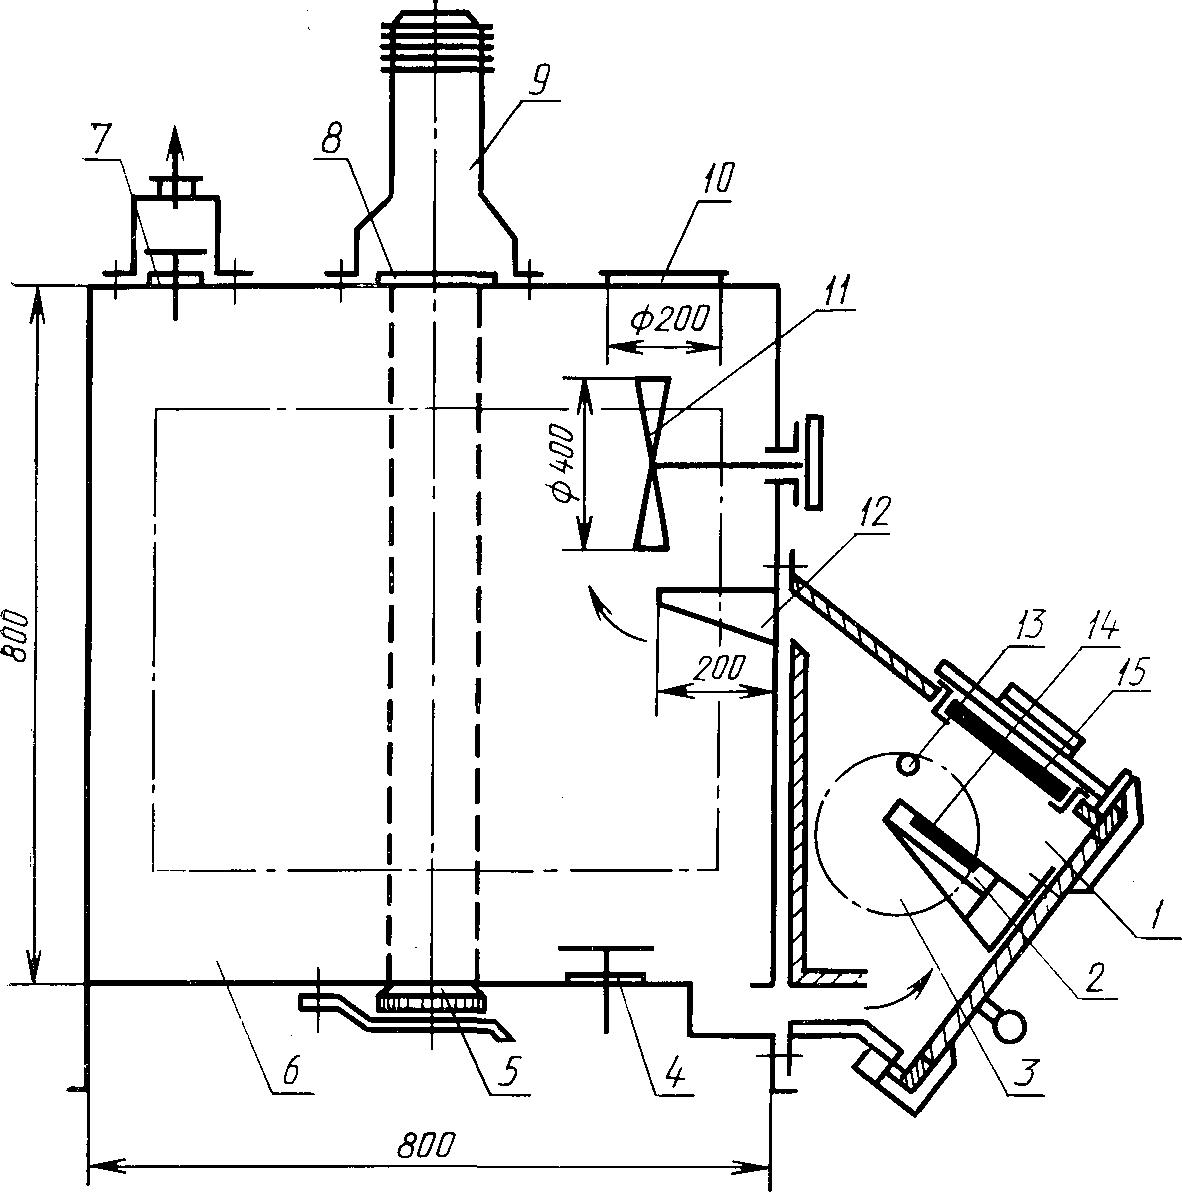 Схема установки «Дым» для определения коэффициента дымообразования твердых веществ и материалов 1 — камера сгорания; 2 — держатель образца; 3 — окно из кварцевого стекла; 4, 7 — клапаны продувки; 5— приемник света; 6 — камера измерений; 8 — кварцевое стекло; 9 — источник света; 10 — предохранительная мембрана; 11 — вентилятор; 12 — направляющий козырек; 13 — запальная горелка; 14 — вкладыш; 15 — электронагревательная панель.